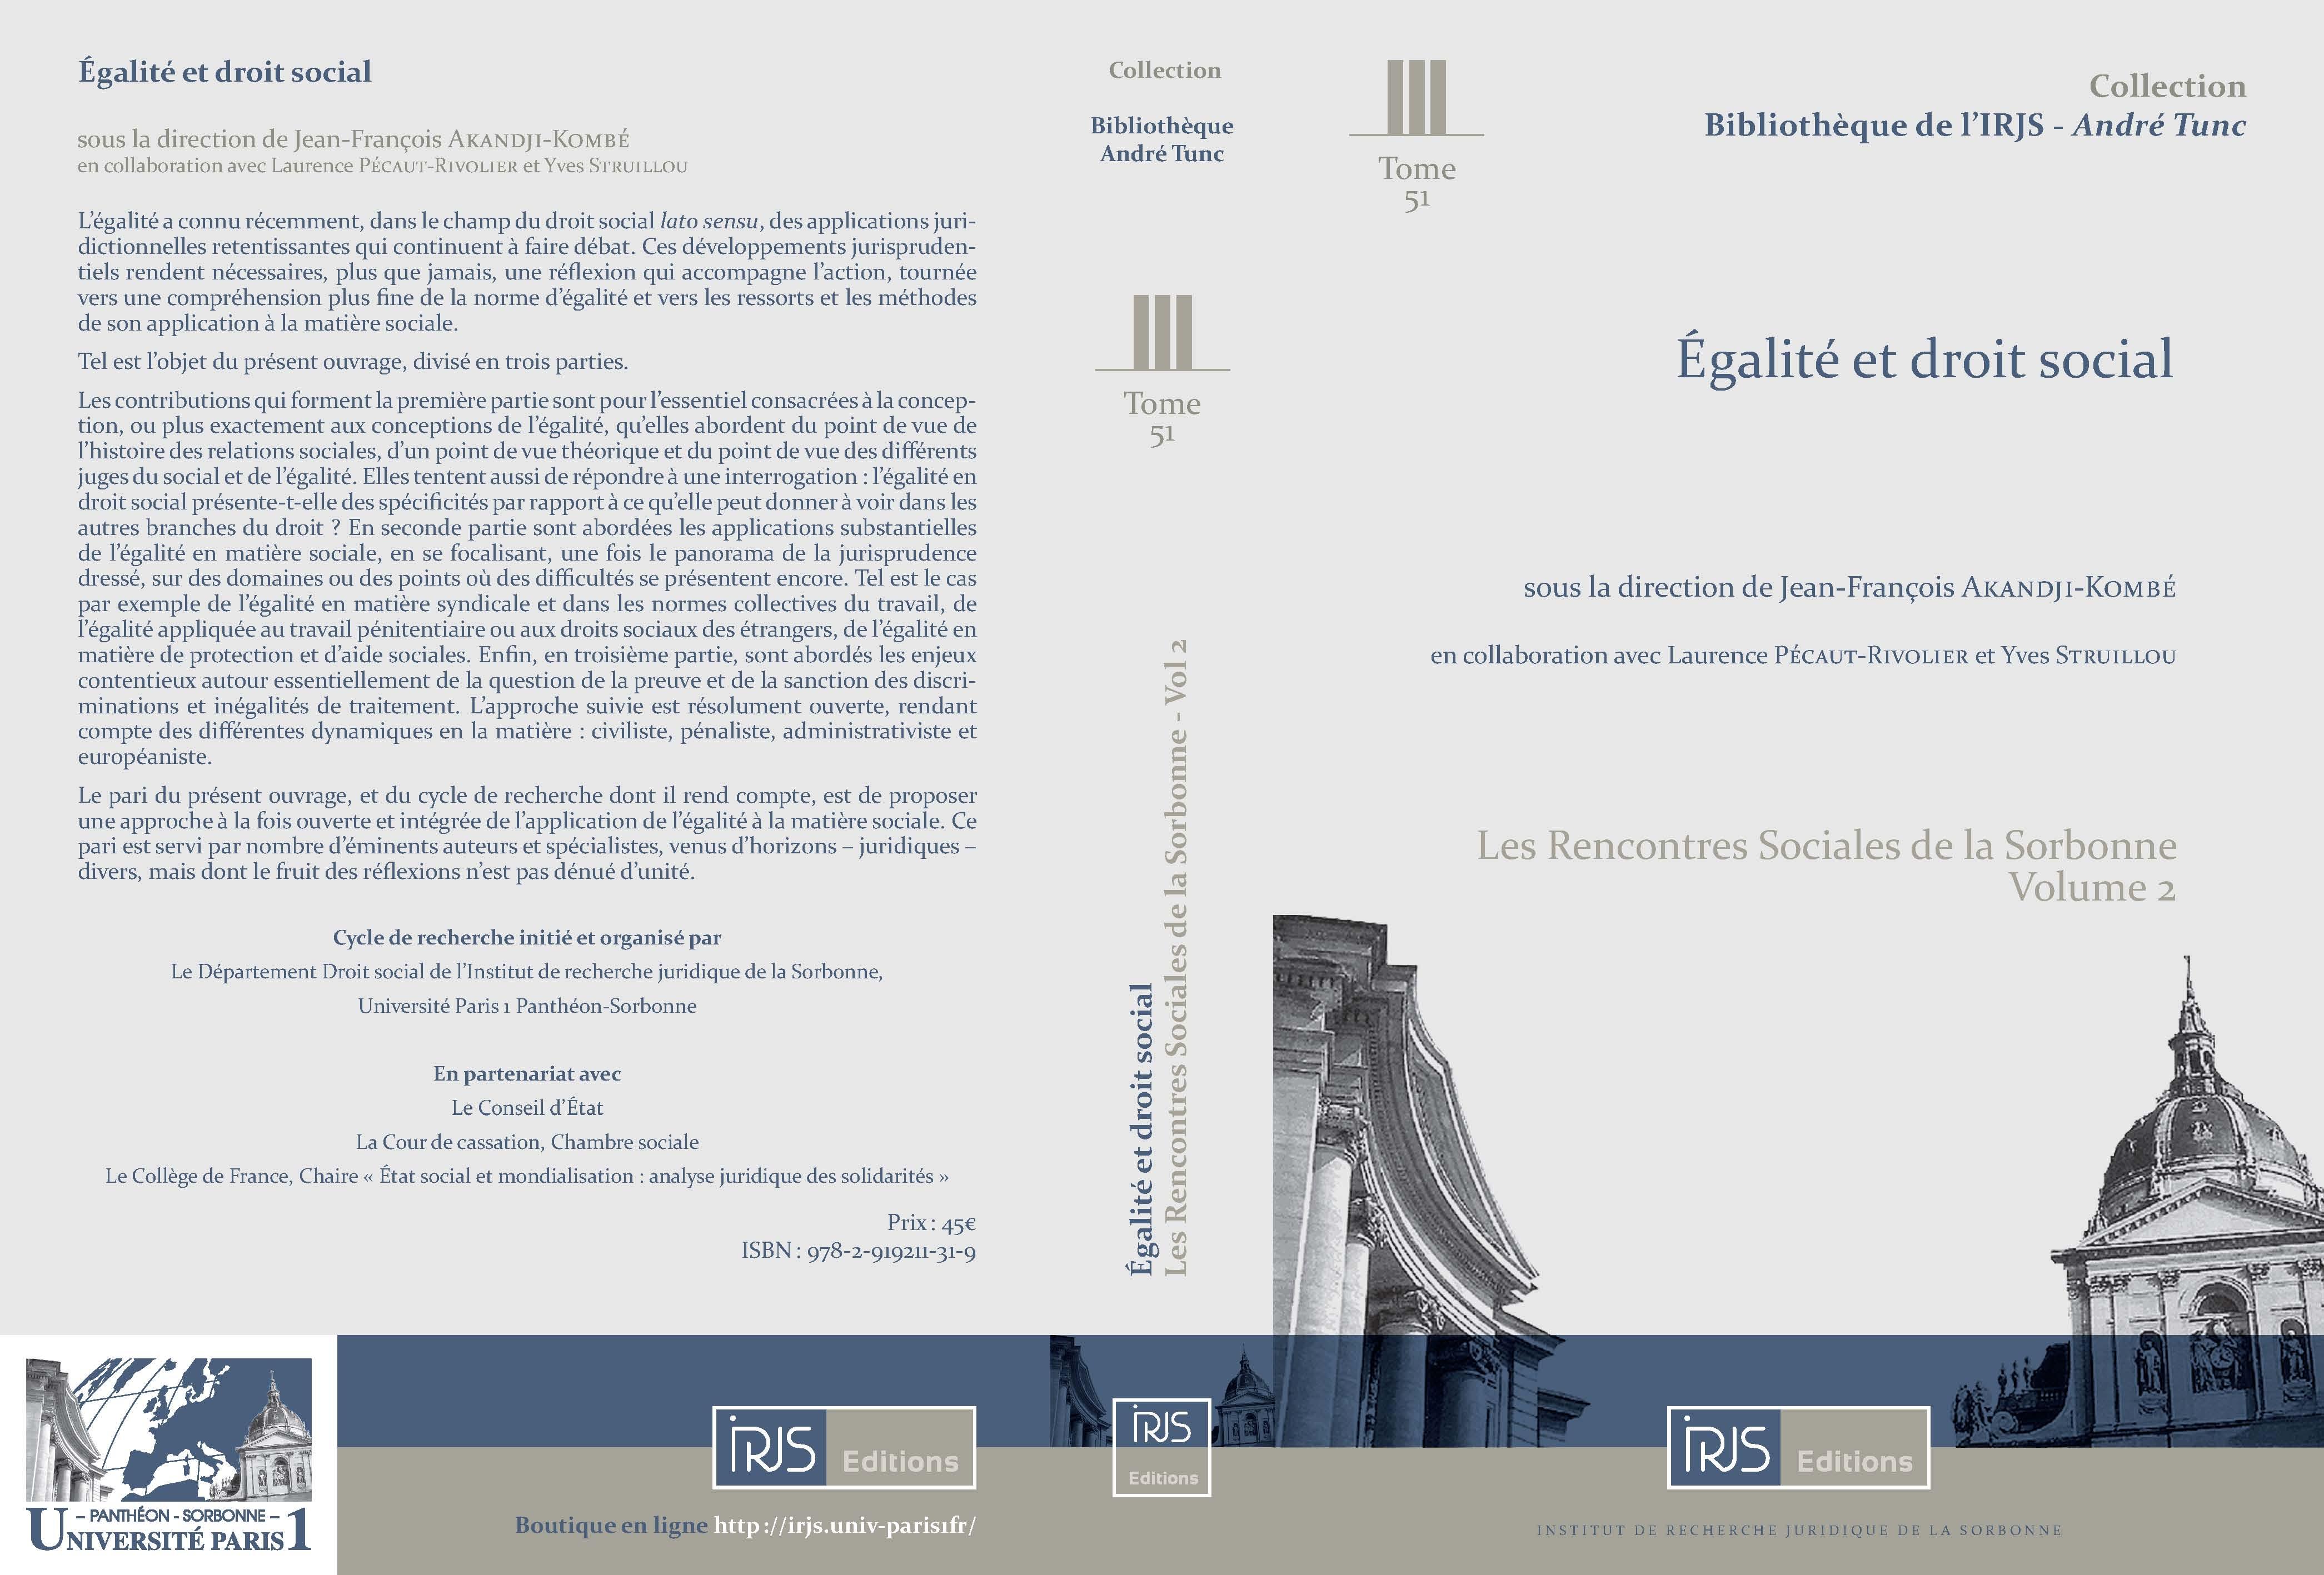 Égalité et droit social - pages de couverture (cliquer pour agrandir)